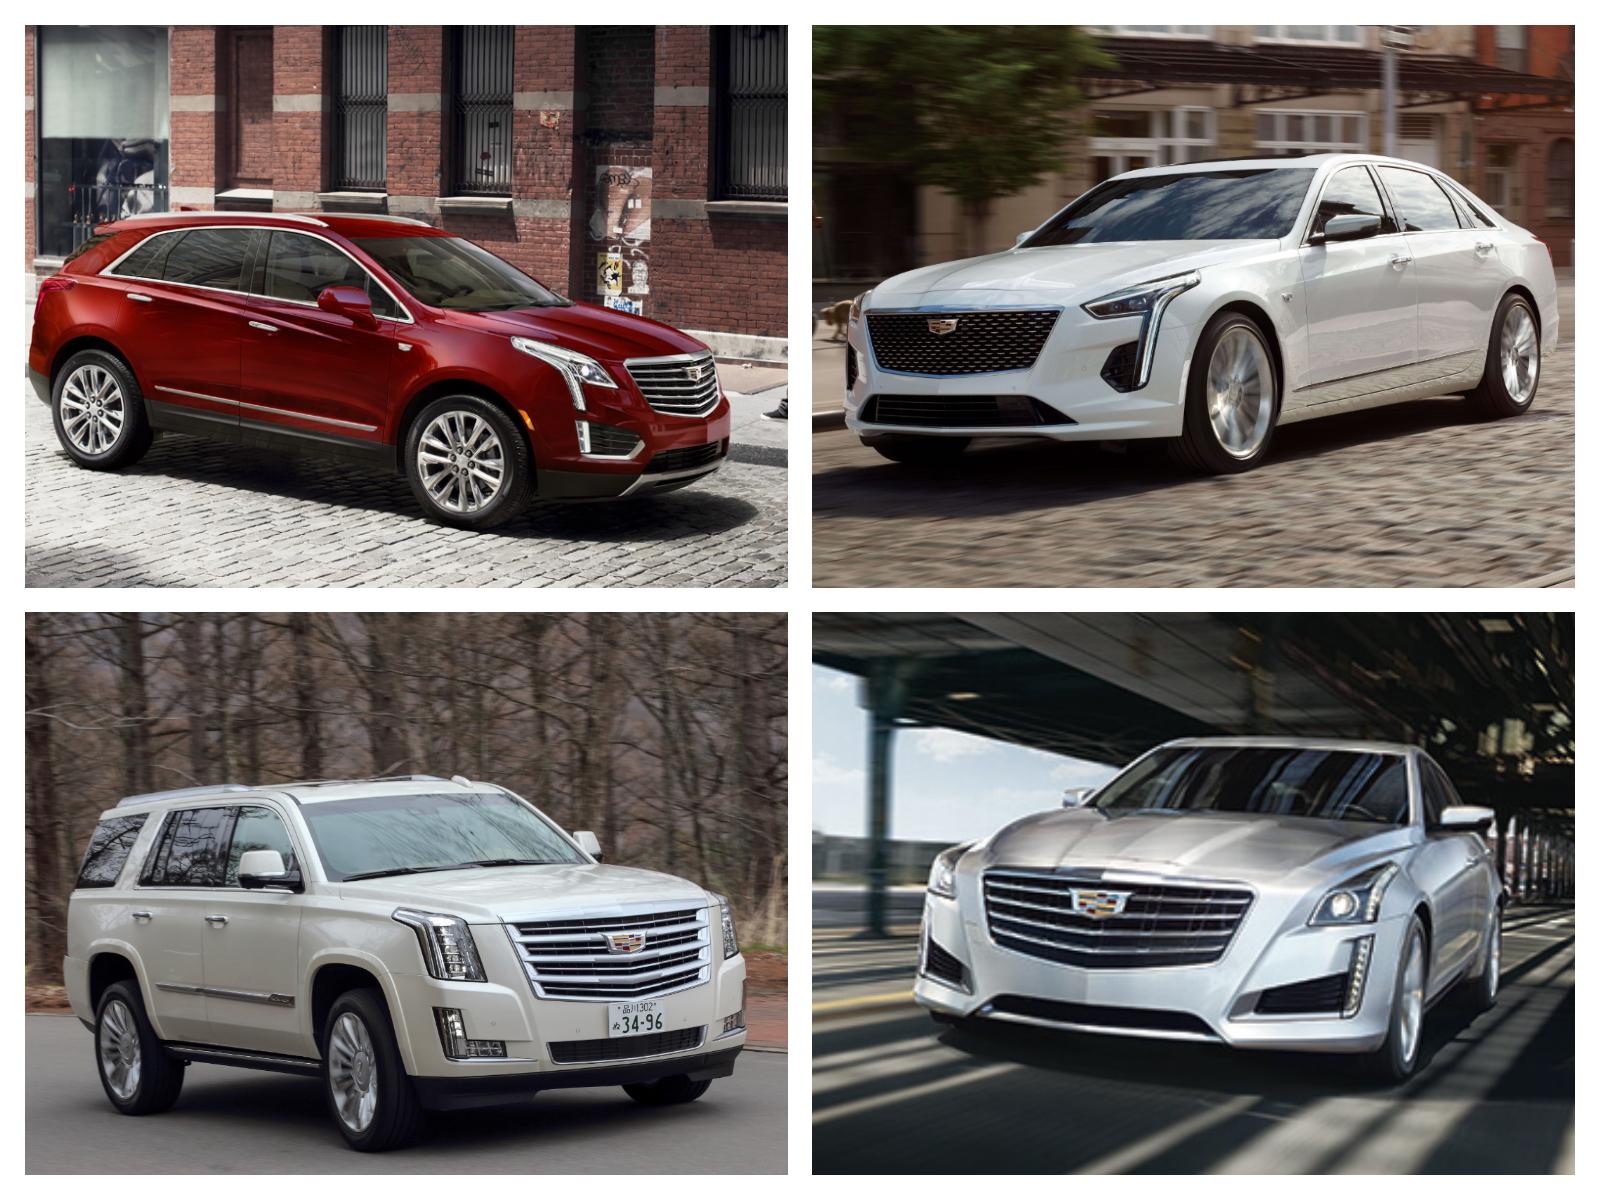 【キャデラック】新車で買える現行車種一覧|2019年最新情報